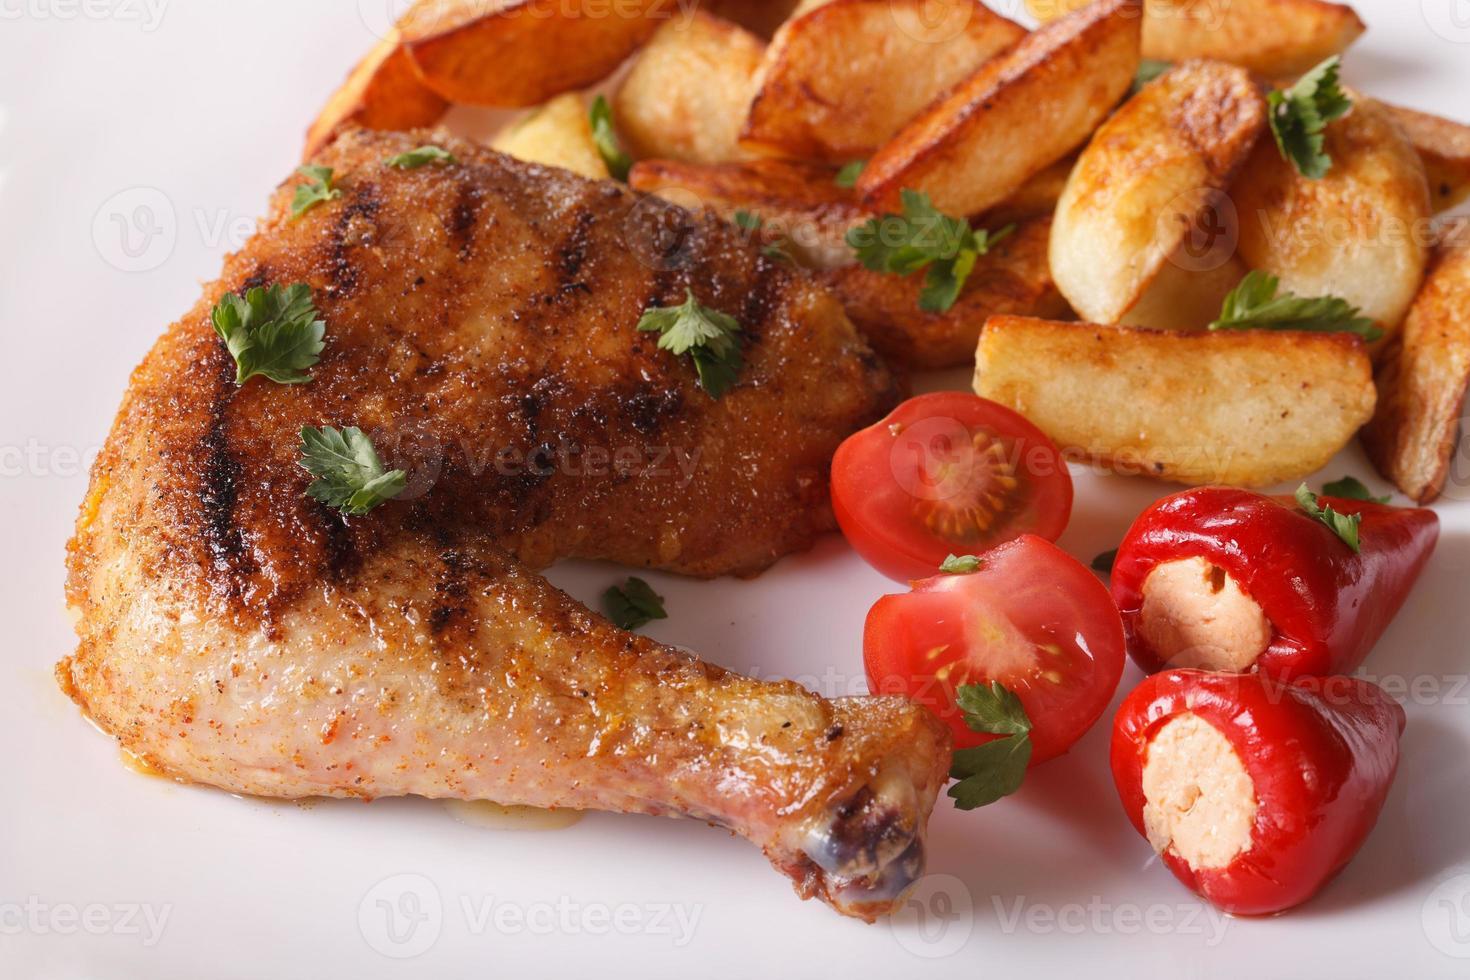 coxas de frango grelhado, batatas fritas e legumes closeup. foto